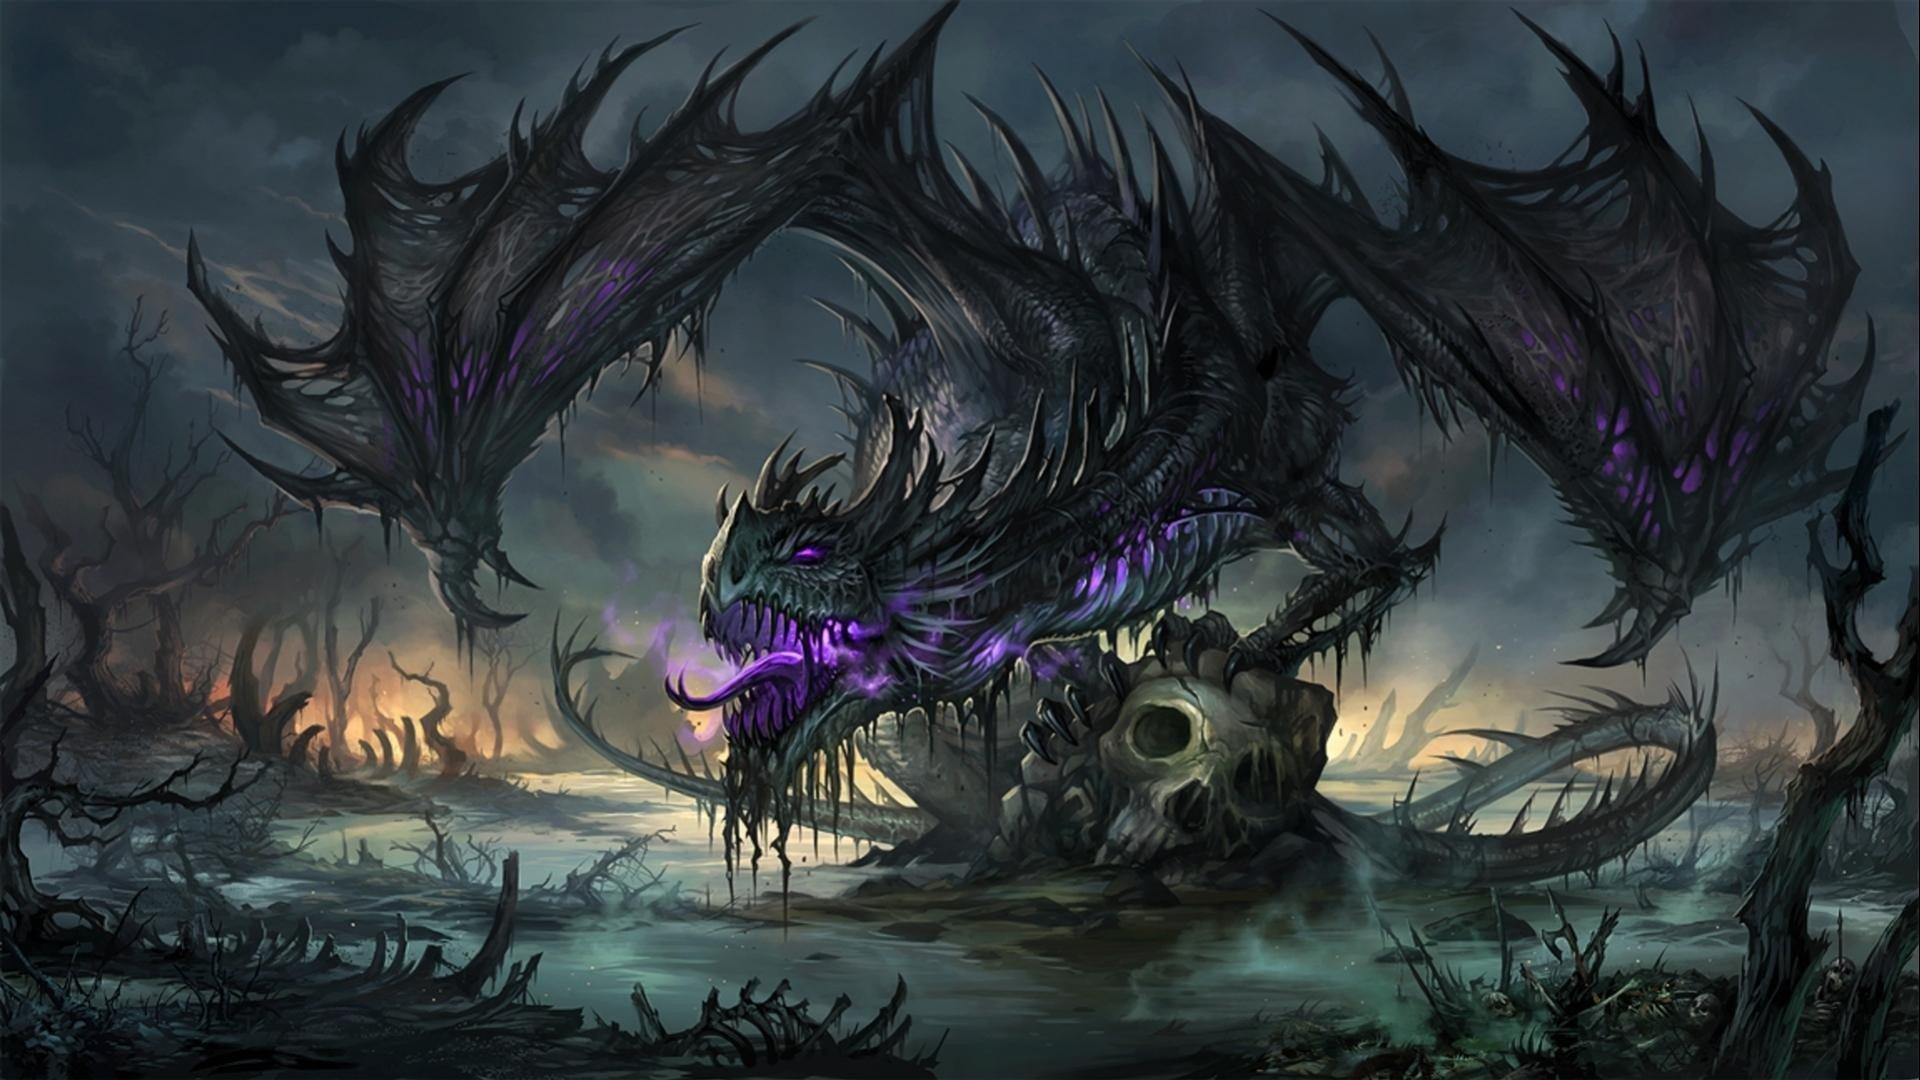 Black Dragon Wallpaper